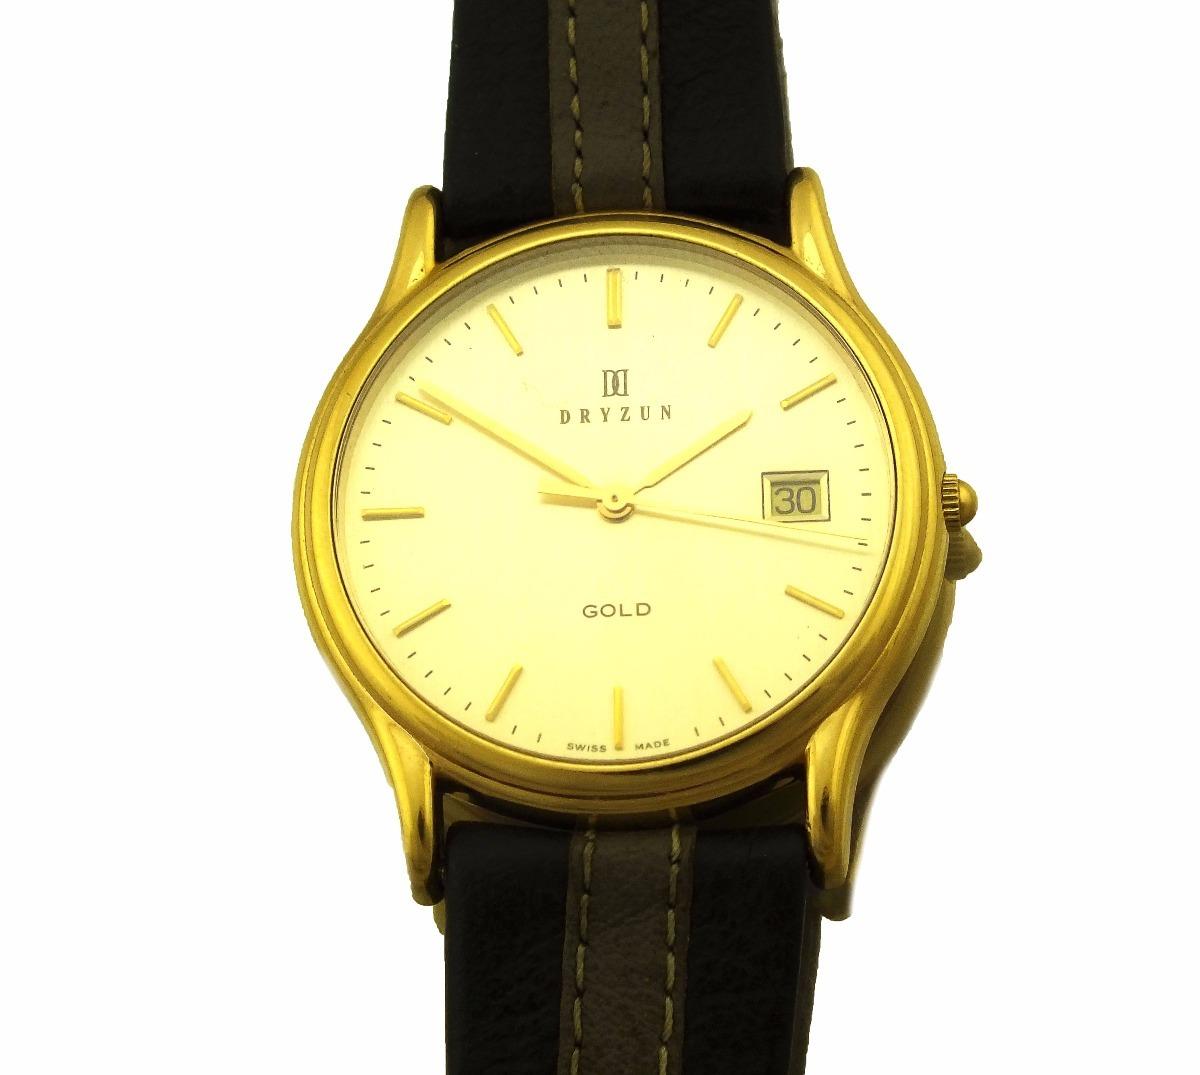 962b849da5f relógio de pulso dryzun masculino em ouro 18k j19999. Carregando zoom.